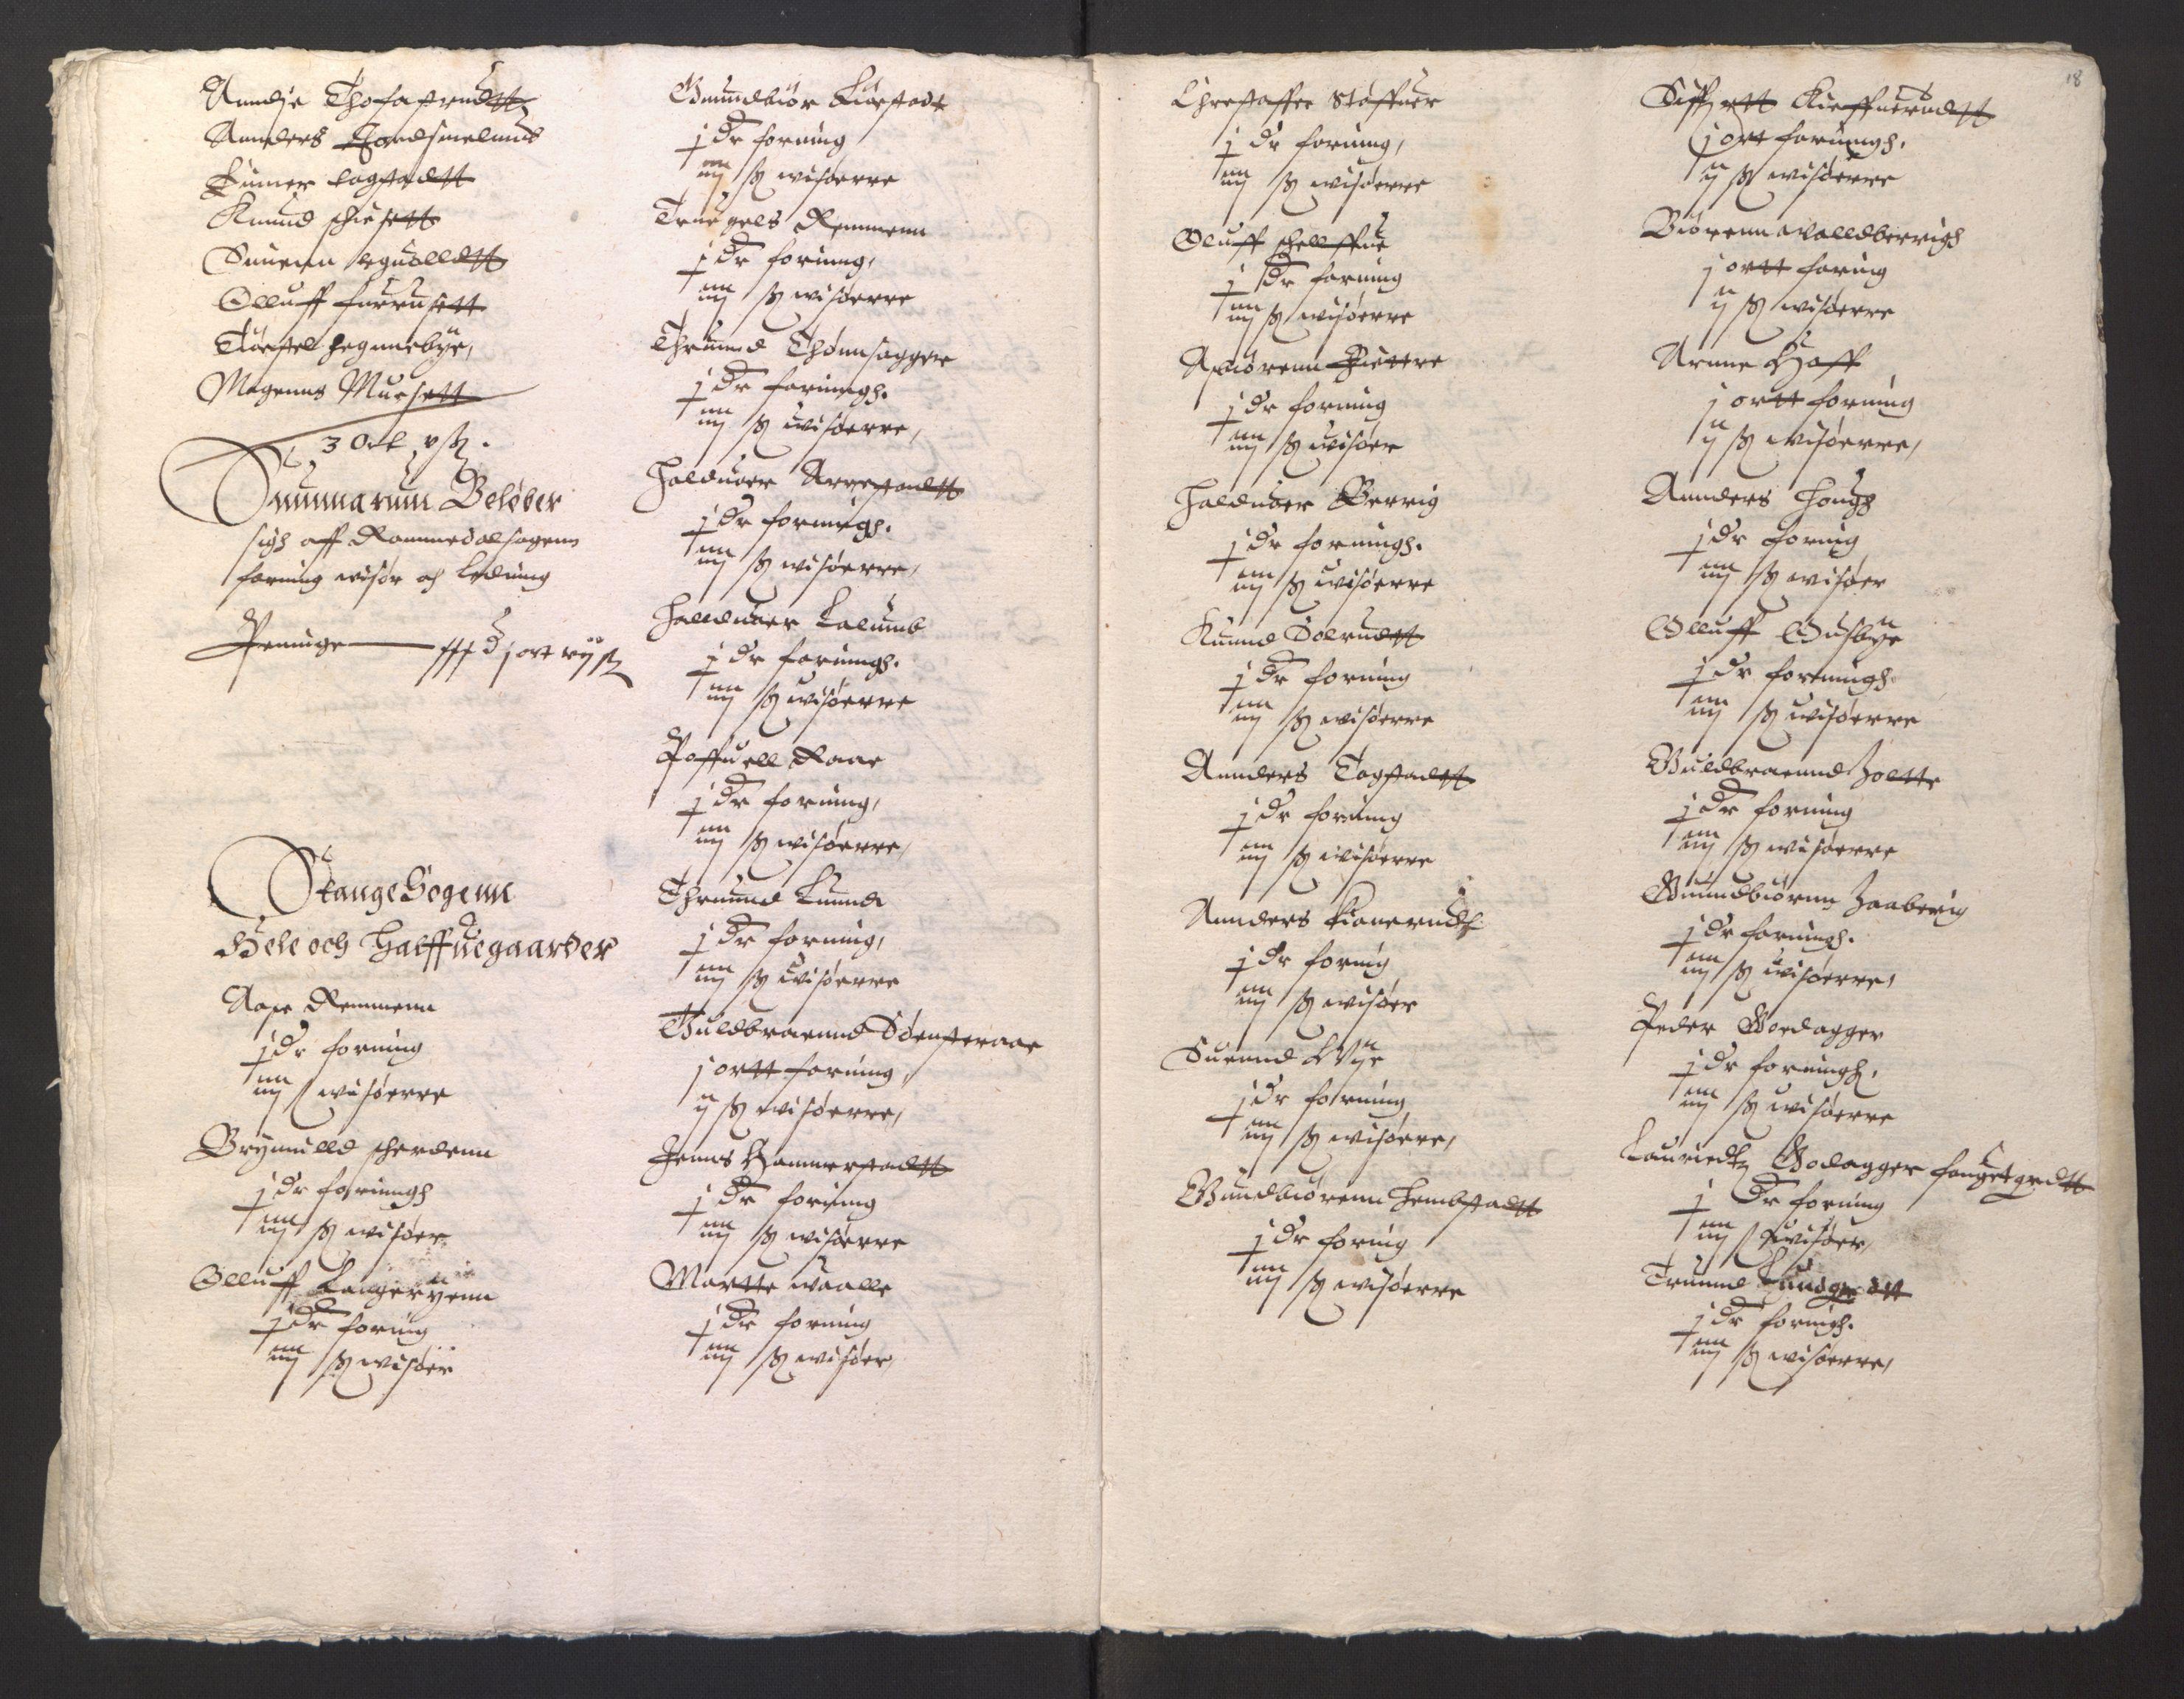 RA, Stattholderembetet 1572-1771, Ek/L0001: Jordebøker før 1624 og til utligning av garnisonsskatt 1624-1626:, 1624-1625, s. 58